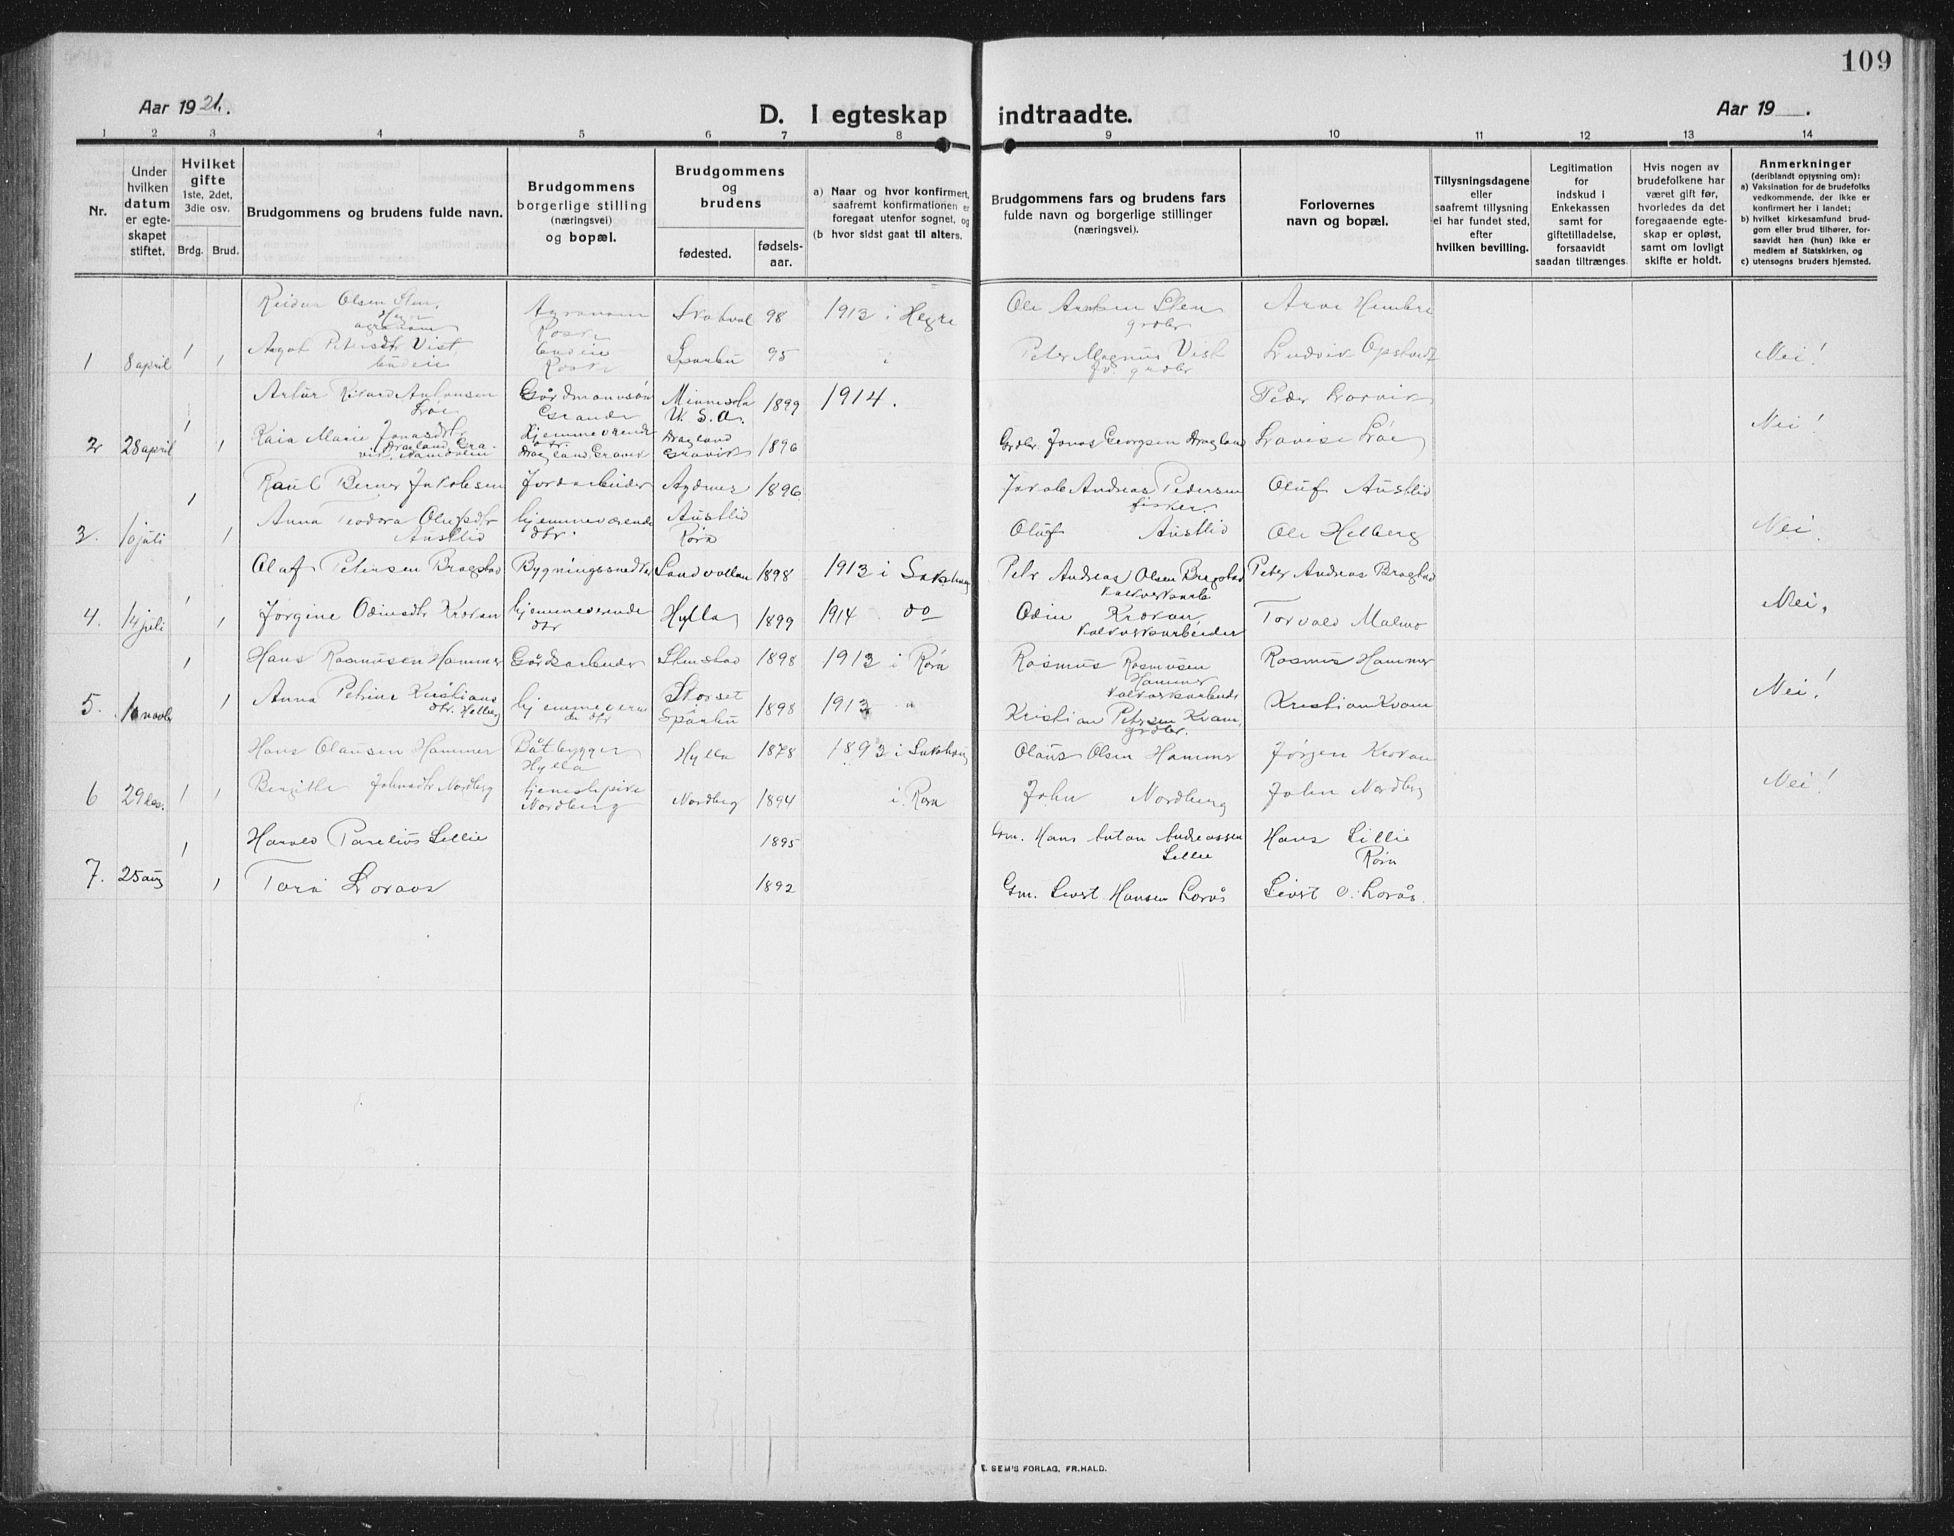 SAT, Ministerialprotokoller, klokkerbøker og fødselsregistre - Nord-Trøndelag, 731/L0312: Klokkerbok nr. 731C03, 1911-1935, s. 109